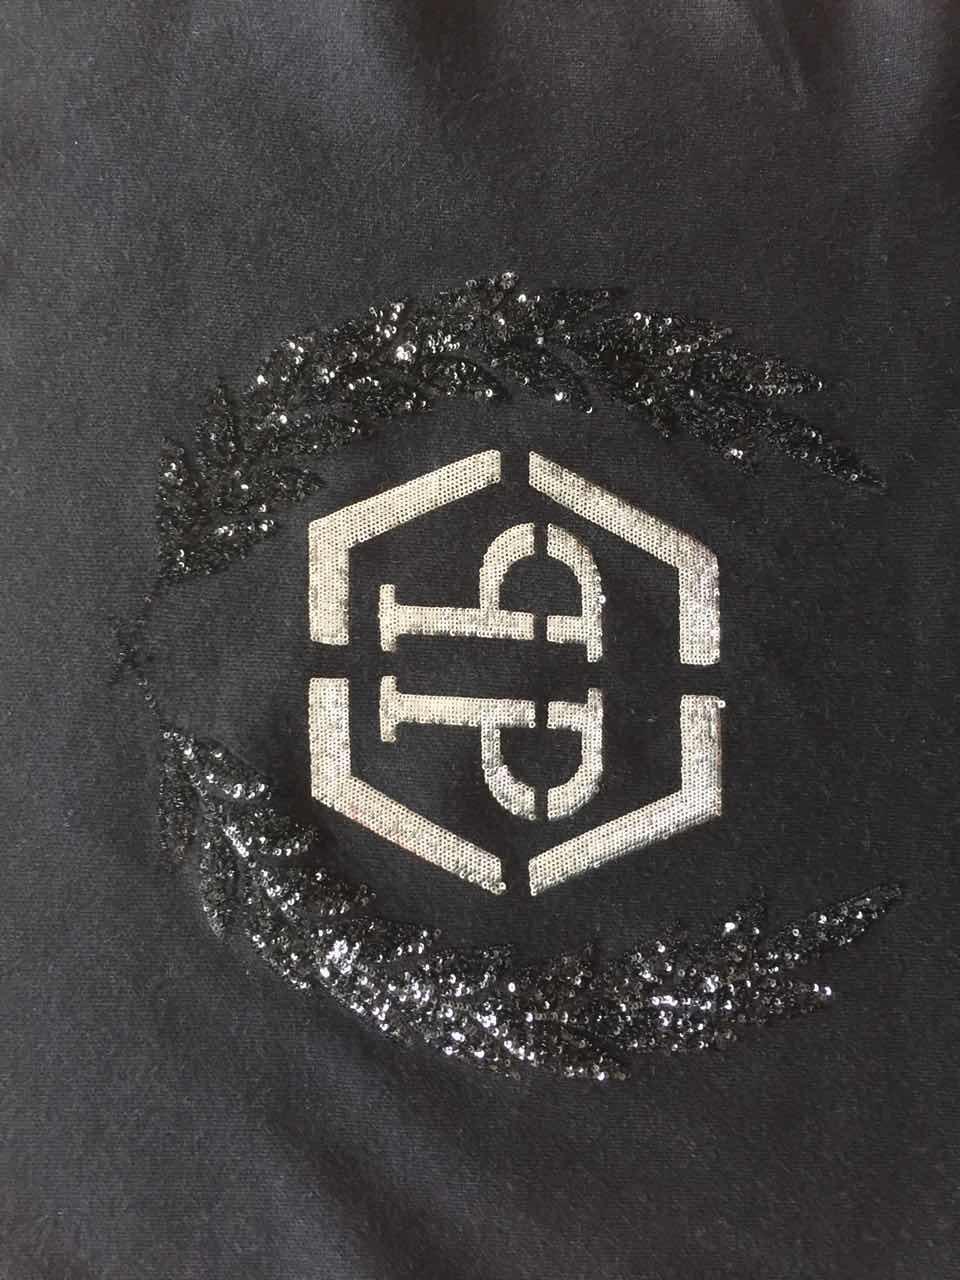 东莞知名立体珠片绣厂推荐|散珠绣,电脑珠子绣,特种珠子绣